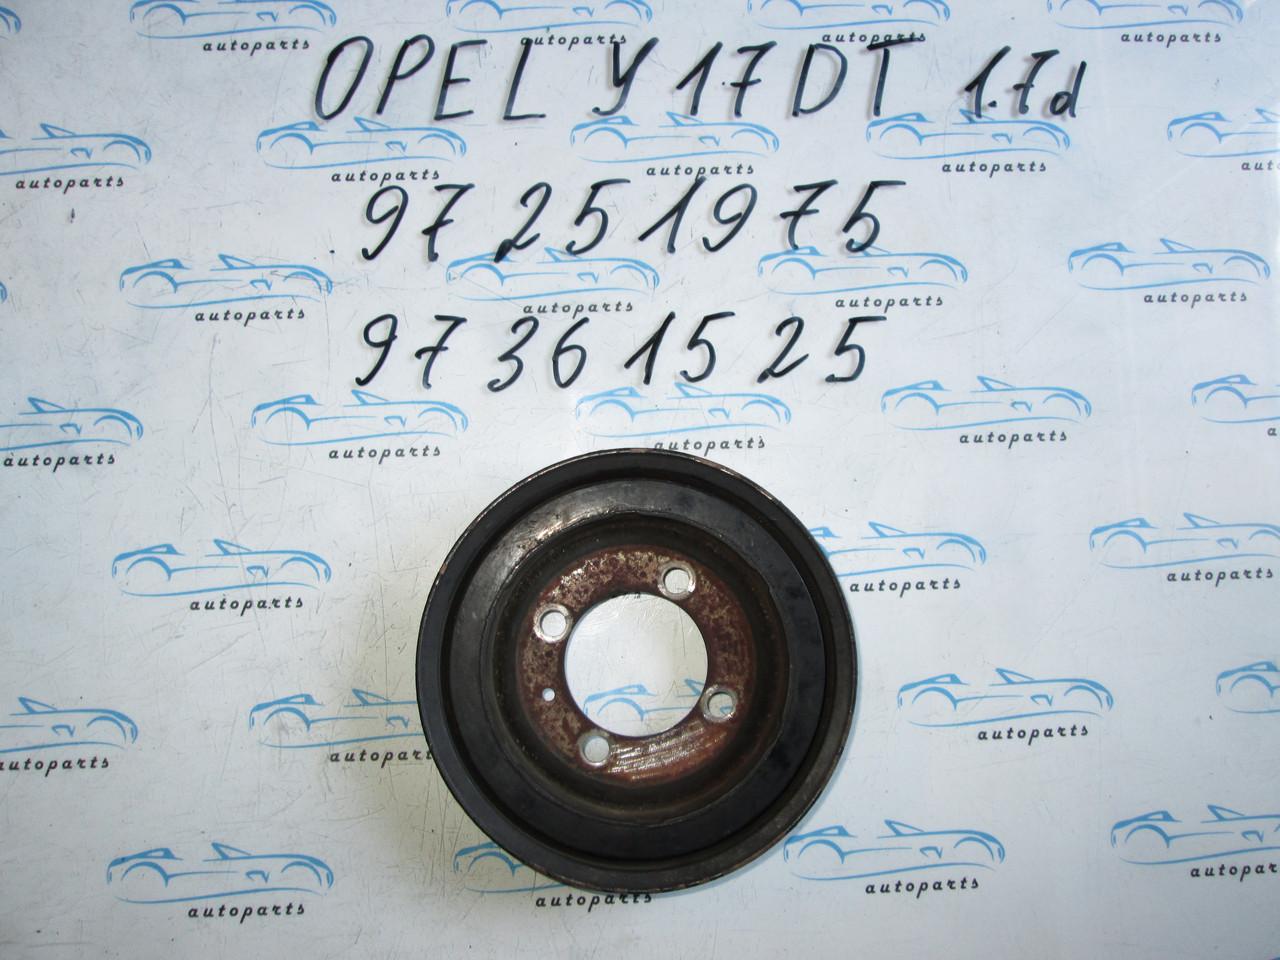 Шкив коленвала Opel 1.7DTI, Y17DT, 97251975, 97361525